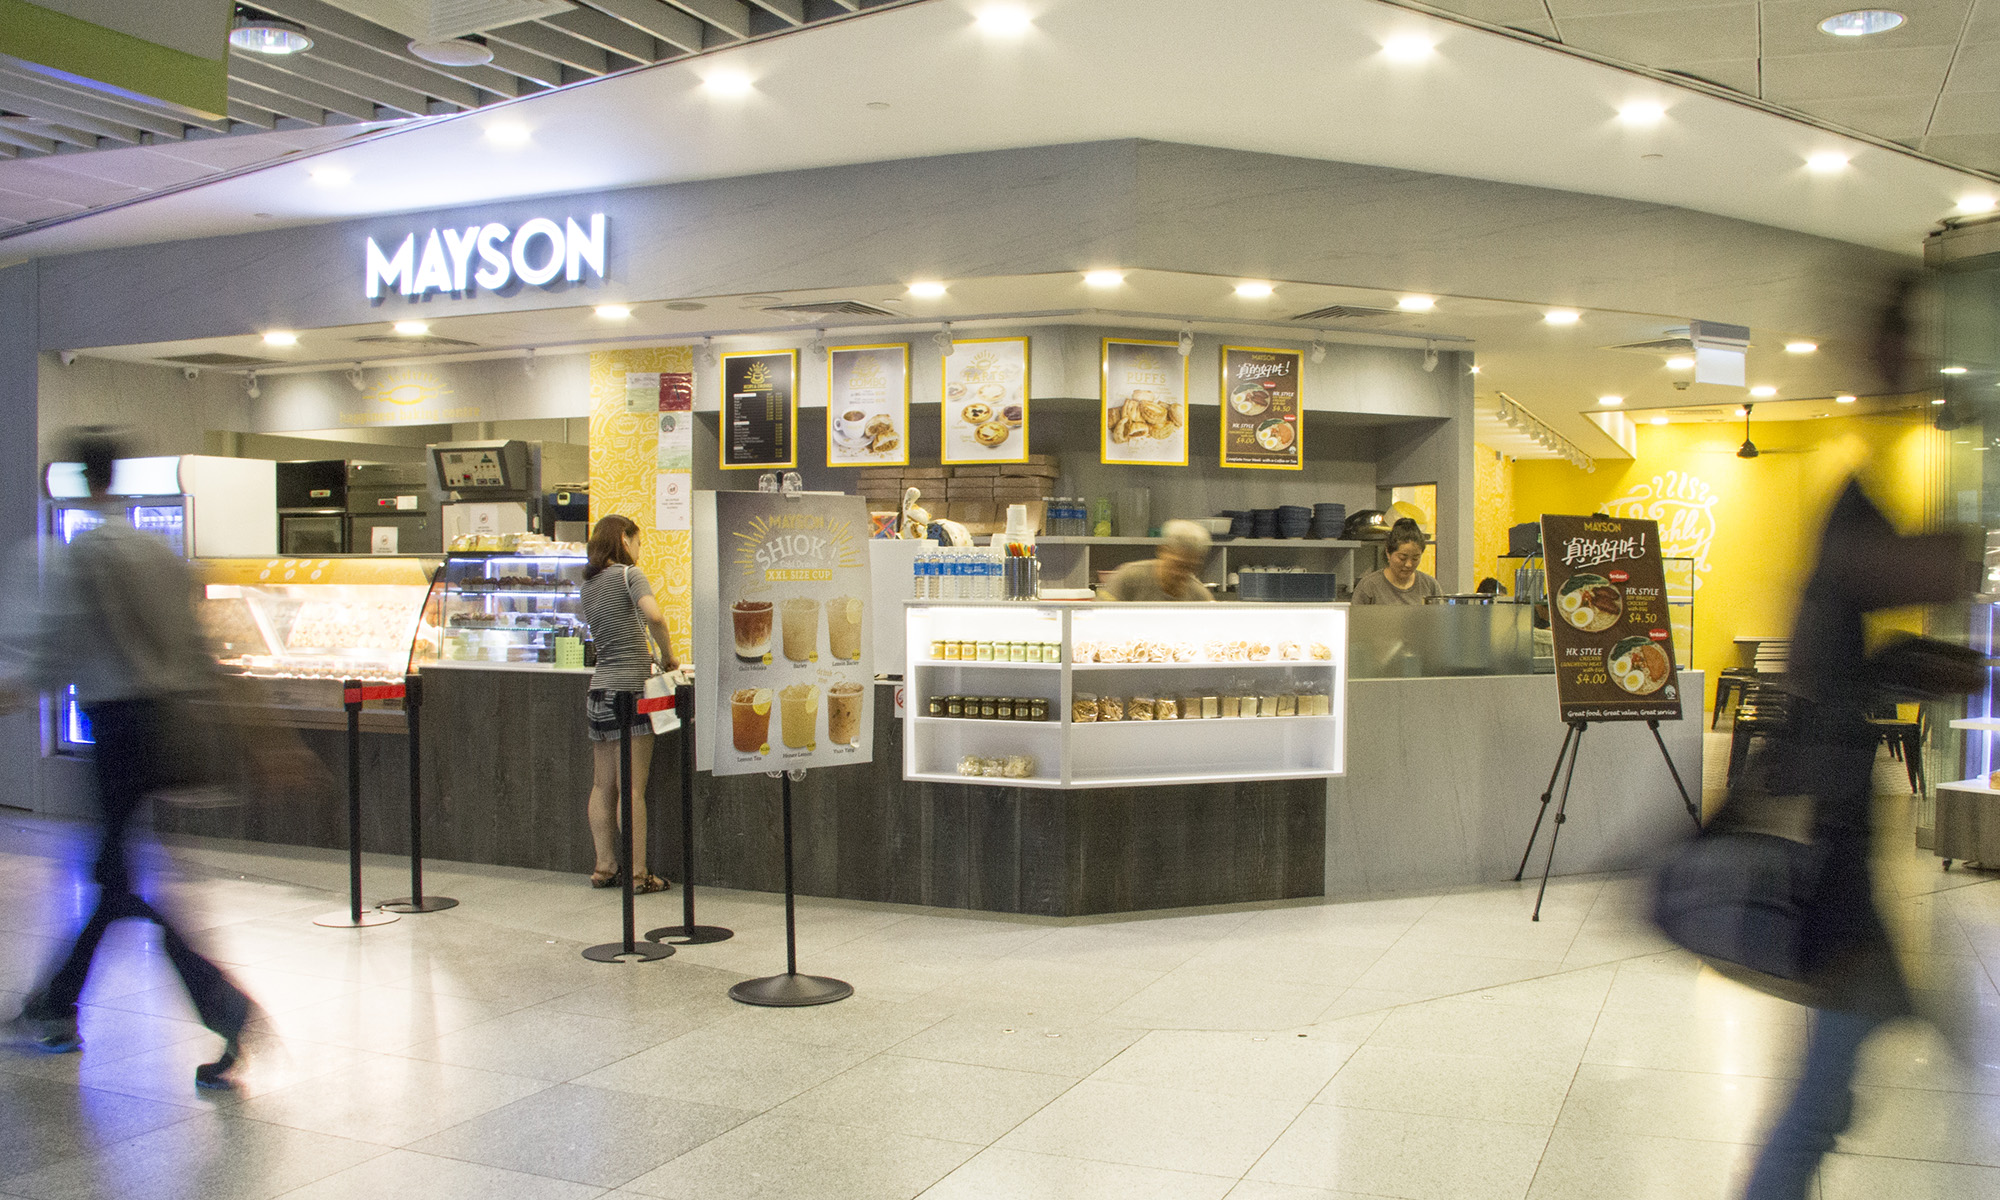 Mayson-bakery-singapore-full-interior